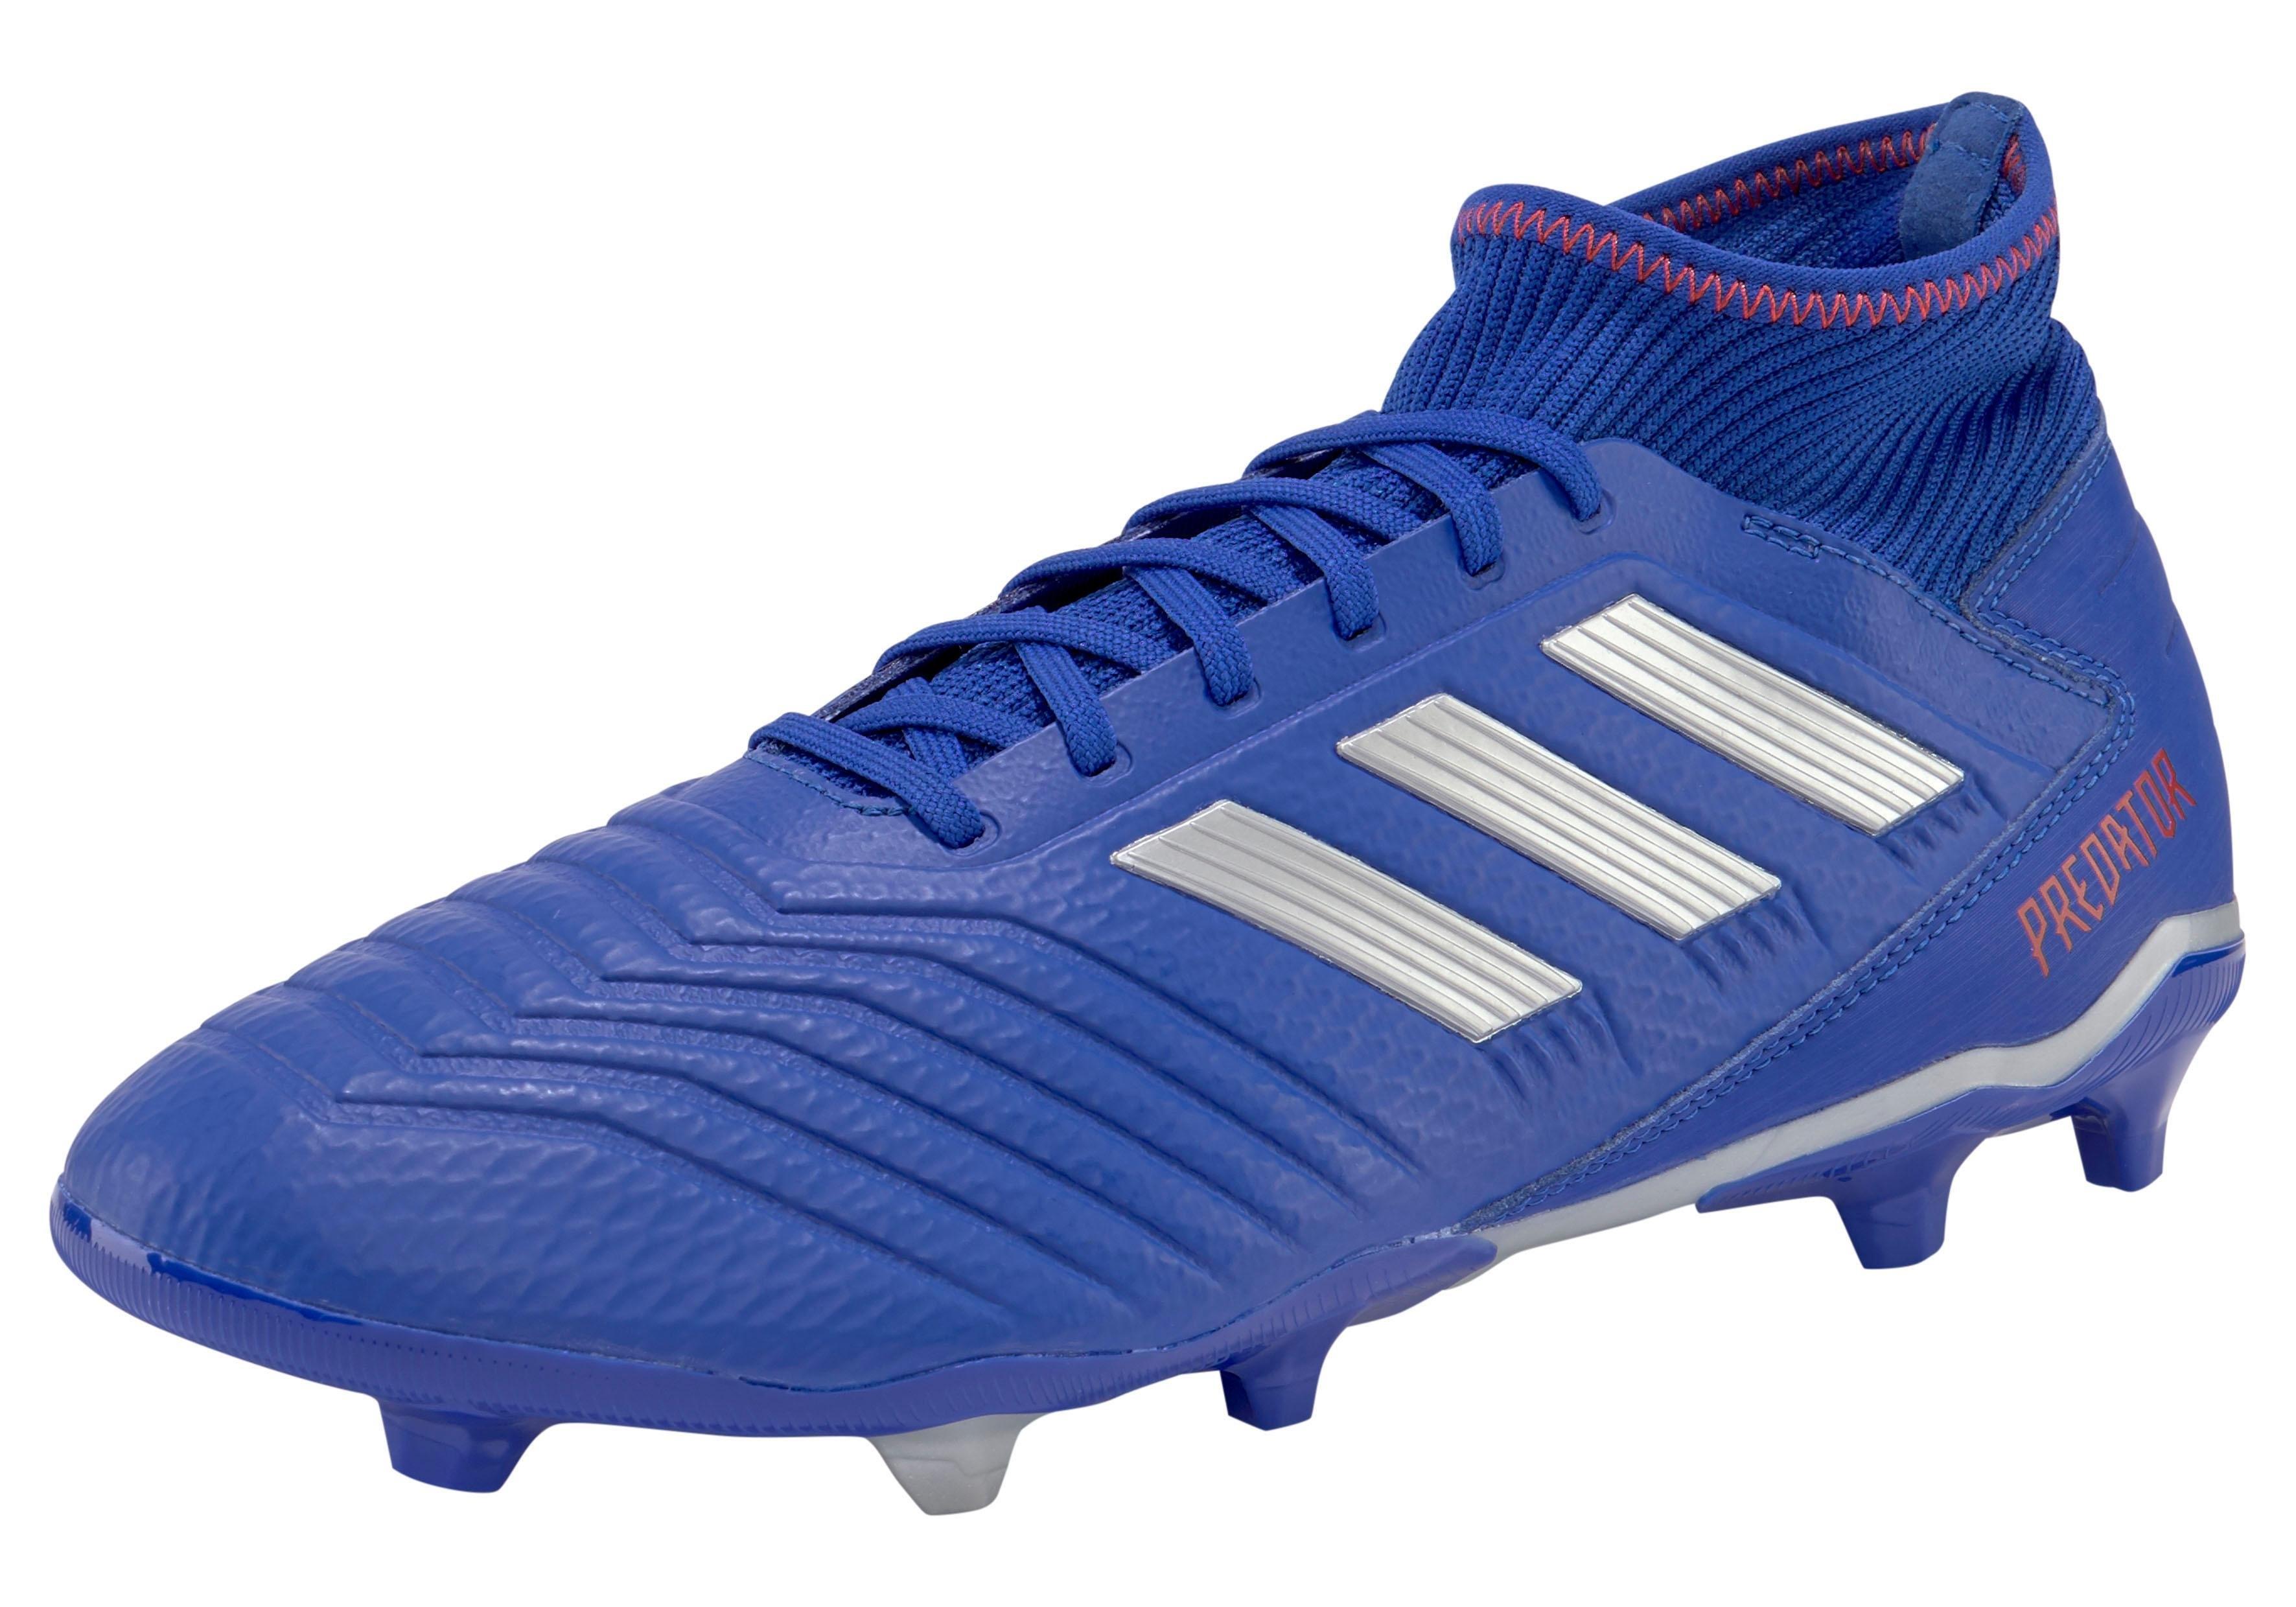 adidas Performance voetbalschoenen »Predator 19.3 FG« voordelig en veilig online kopen